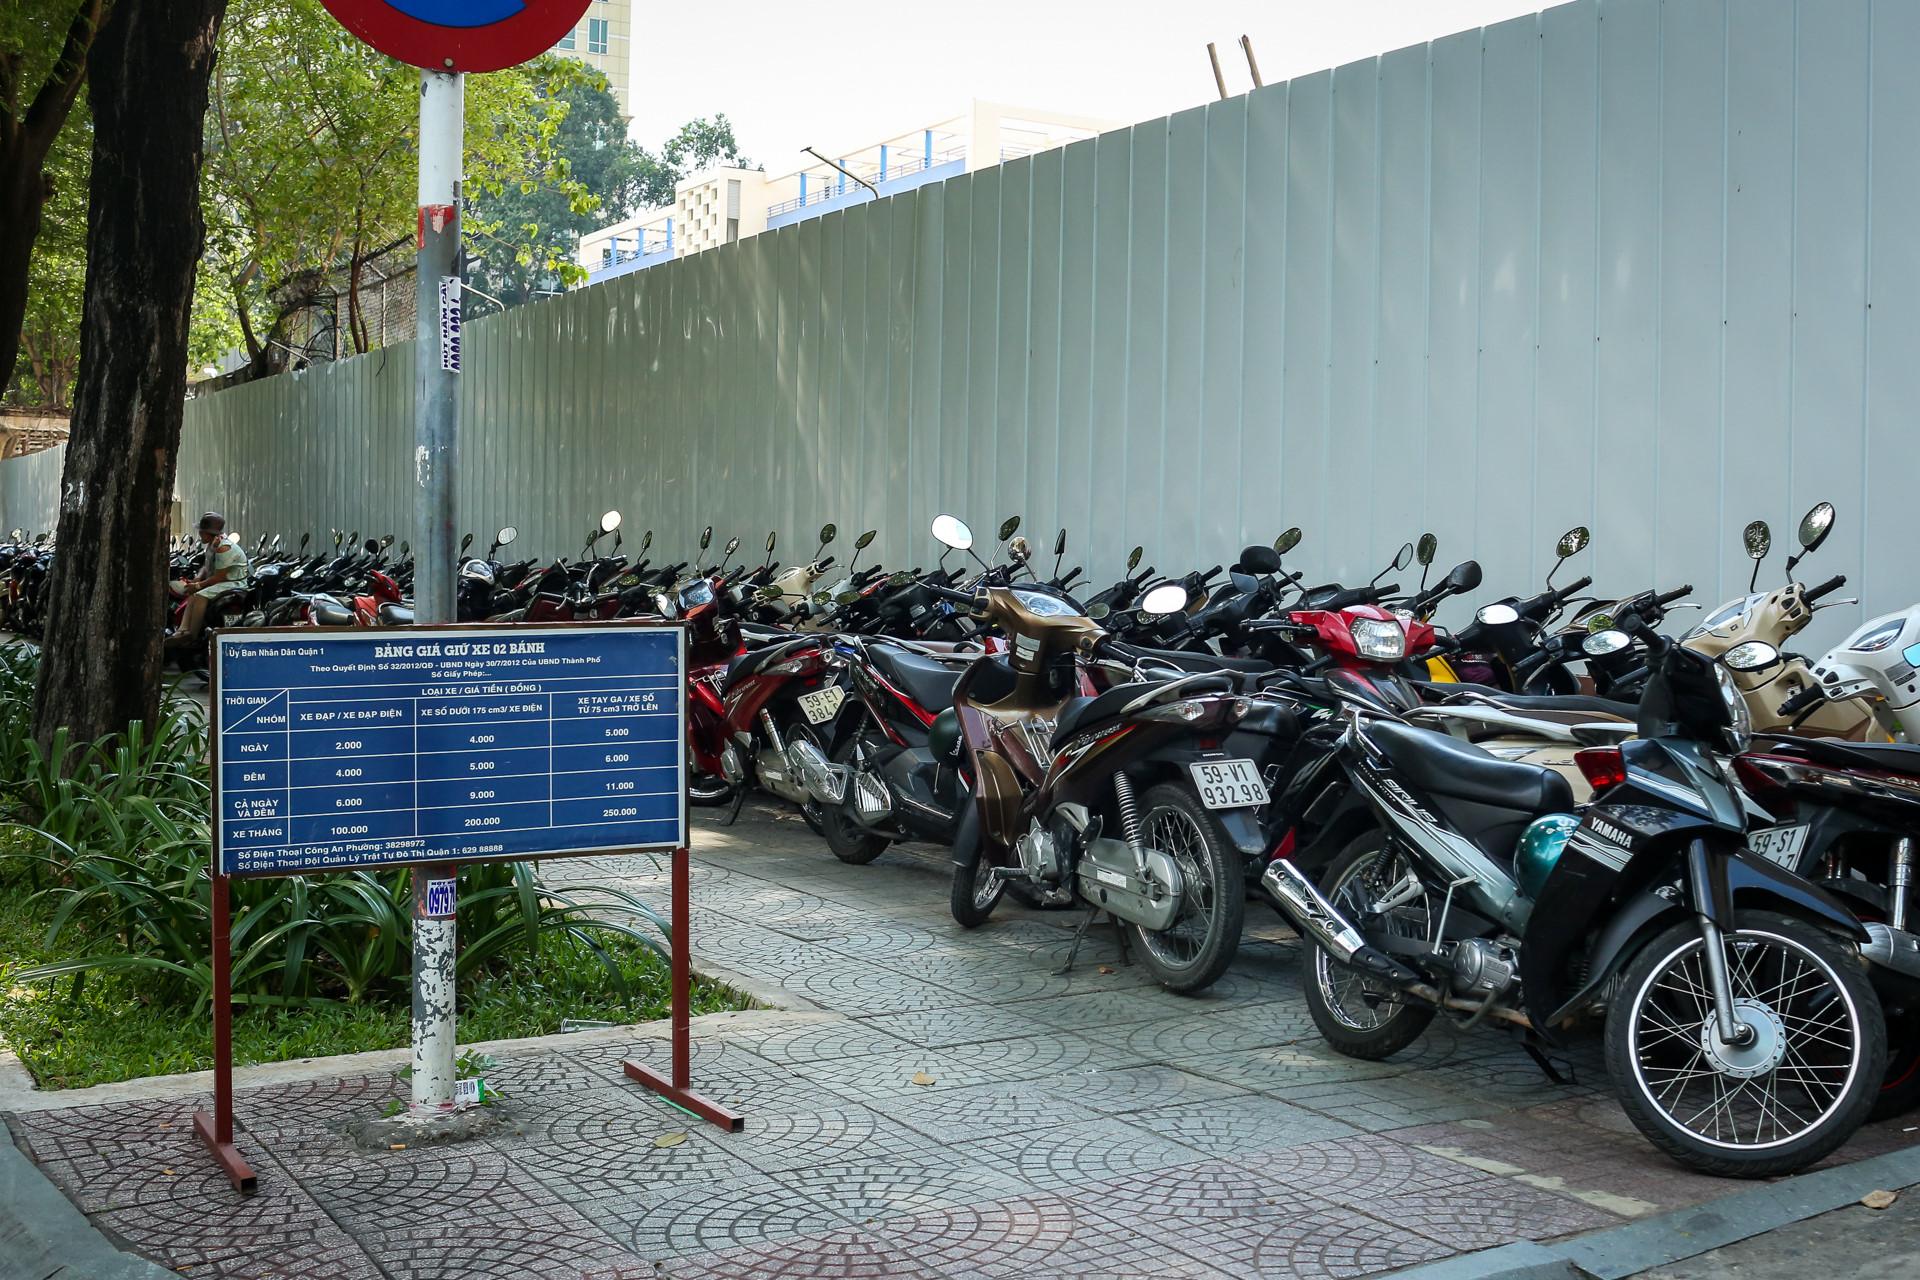 Những bãi giữ xe đứng tên cơ quan Nhà nước ở vỉa hè quận 1